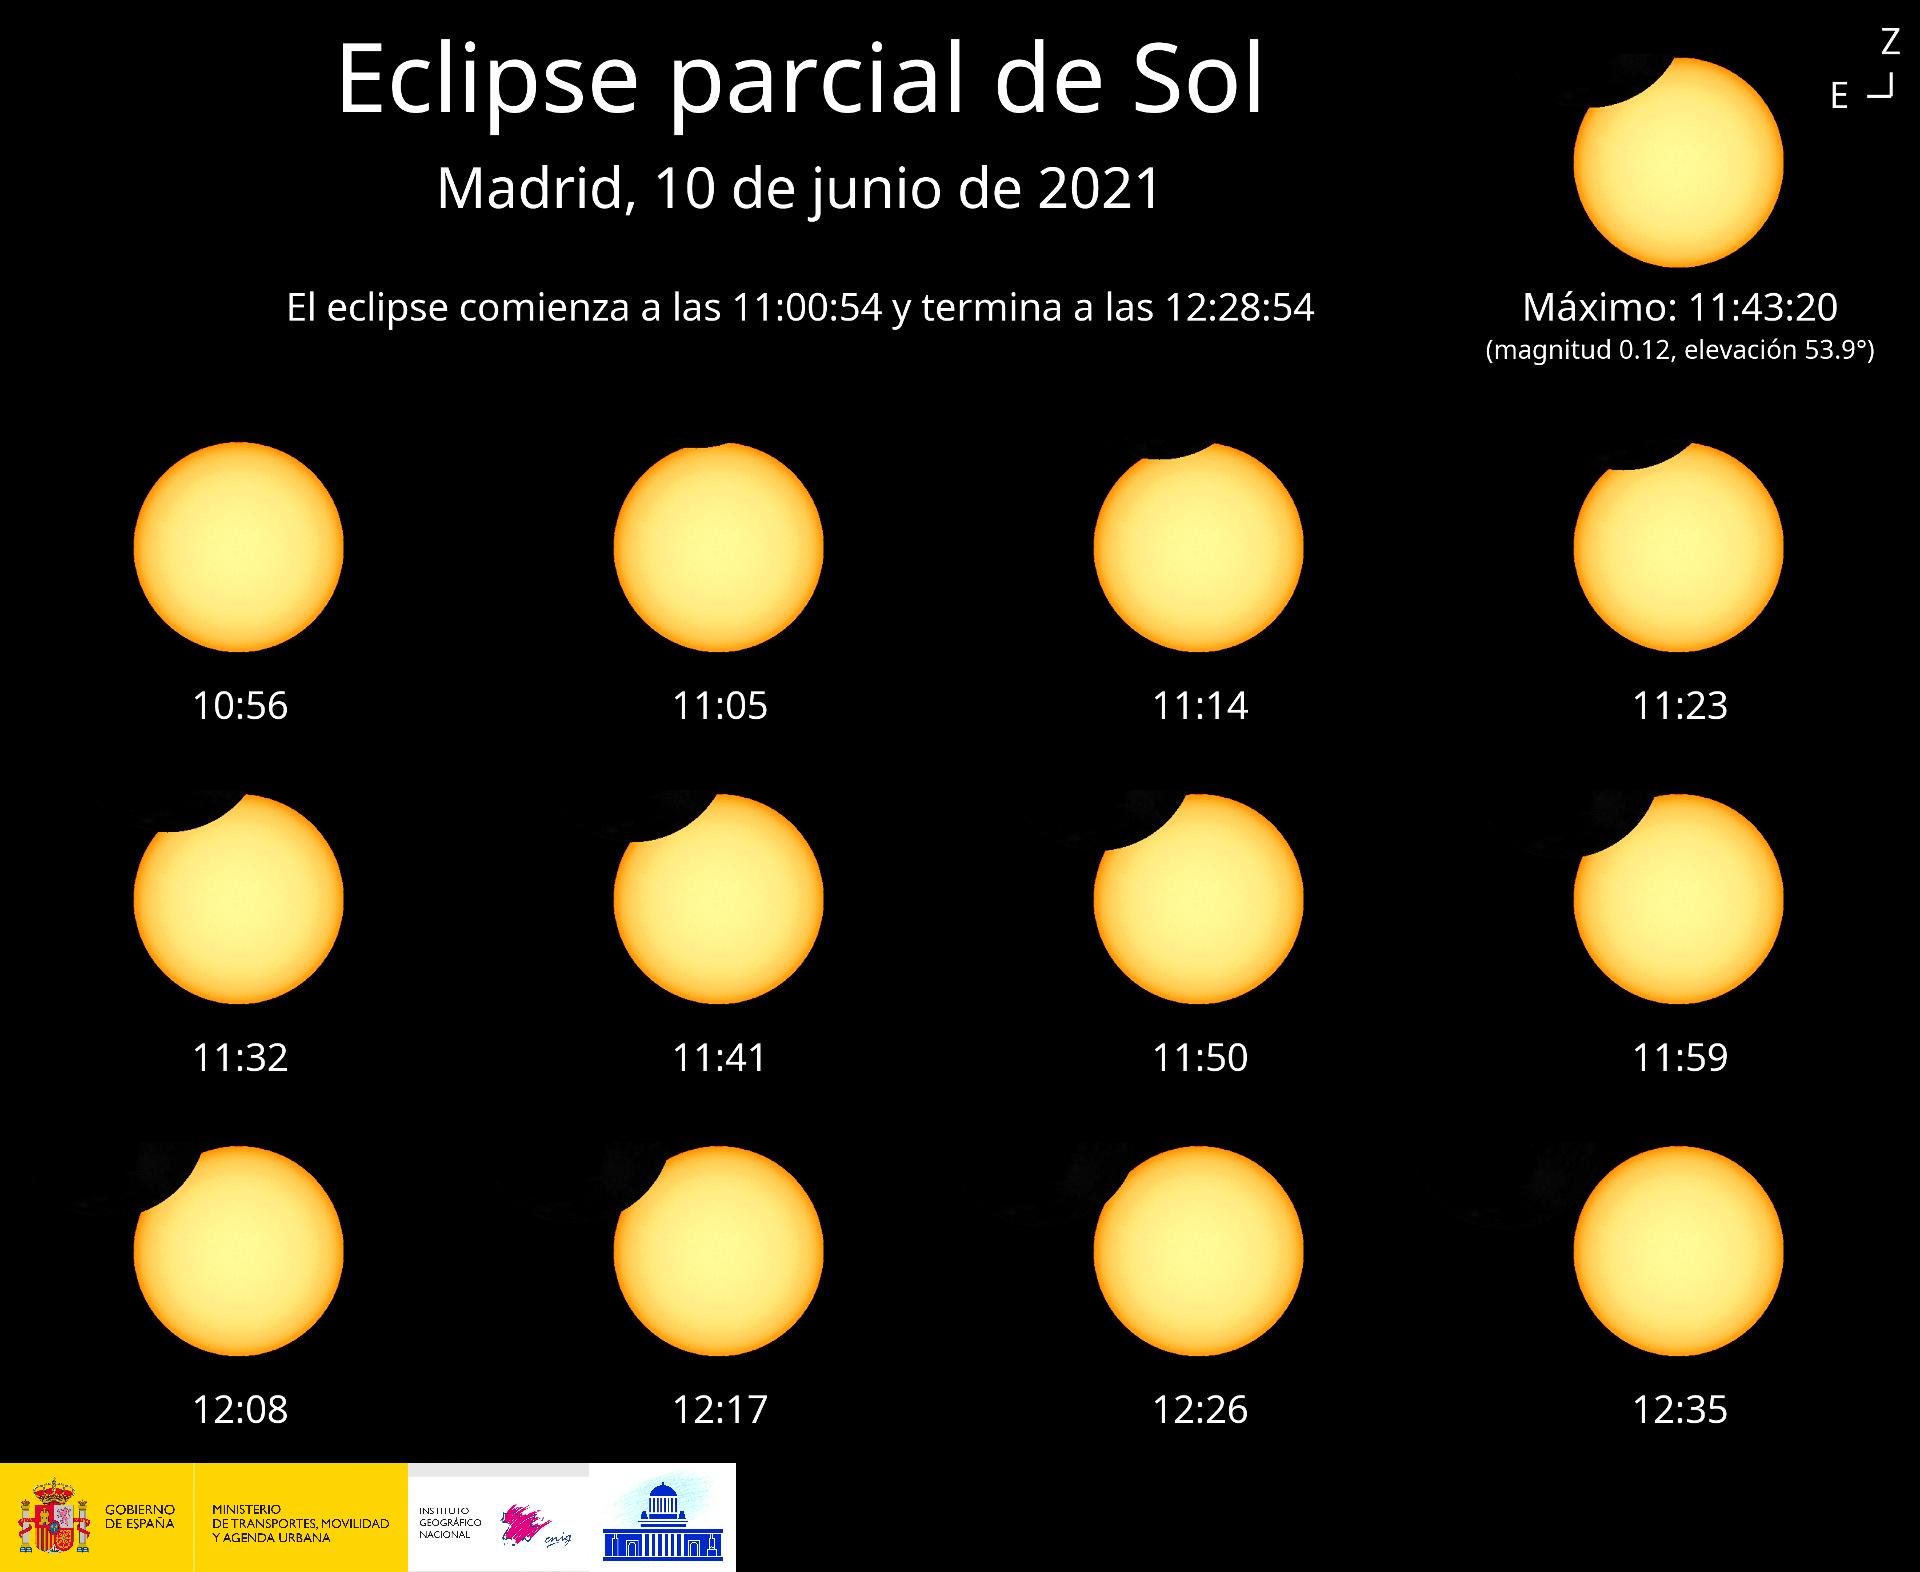 Eclipse parcial solar 2021